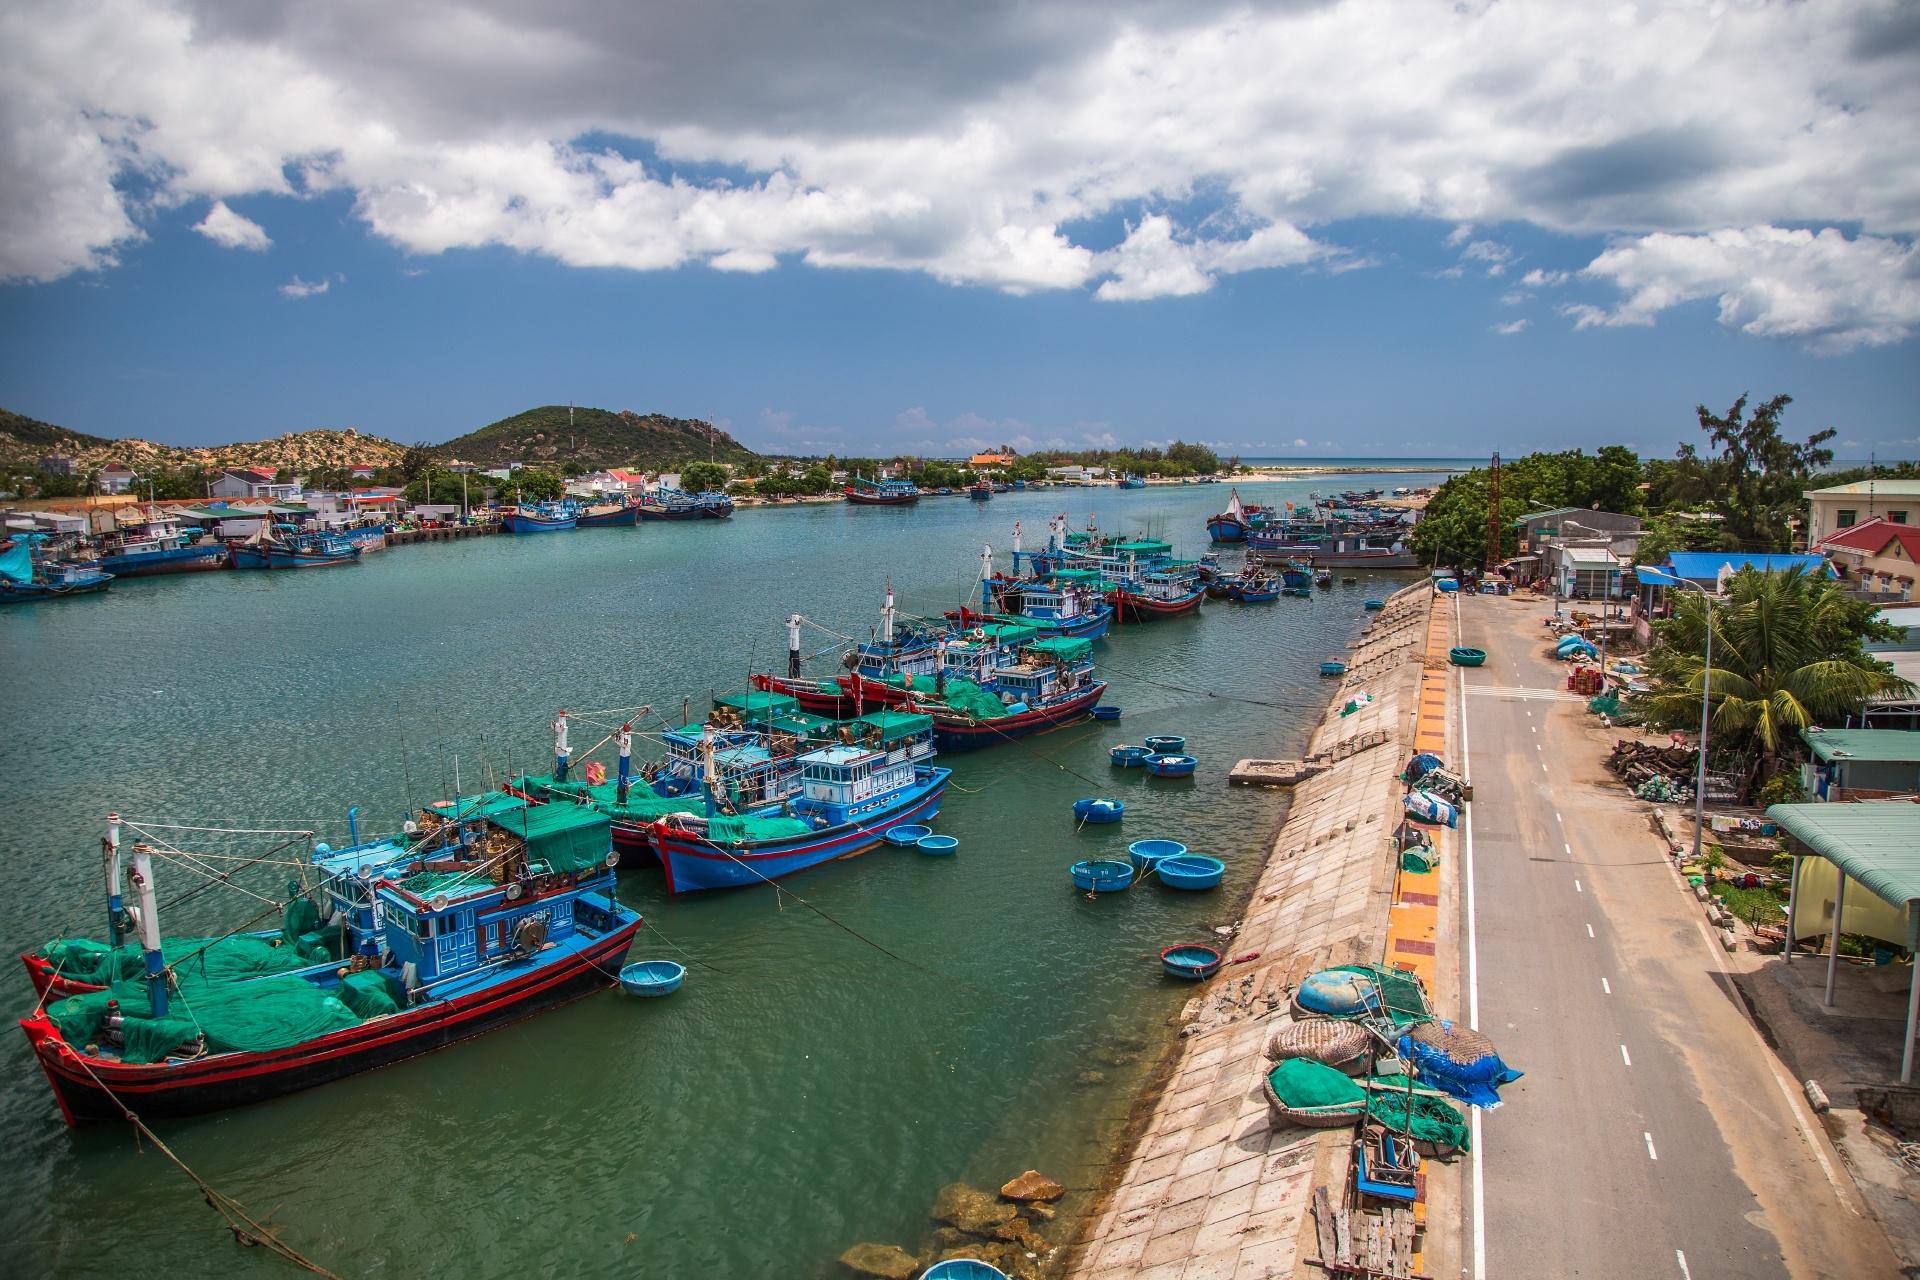 漁船が並ぶ風景 ベトナムの風景